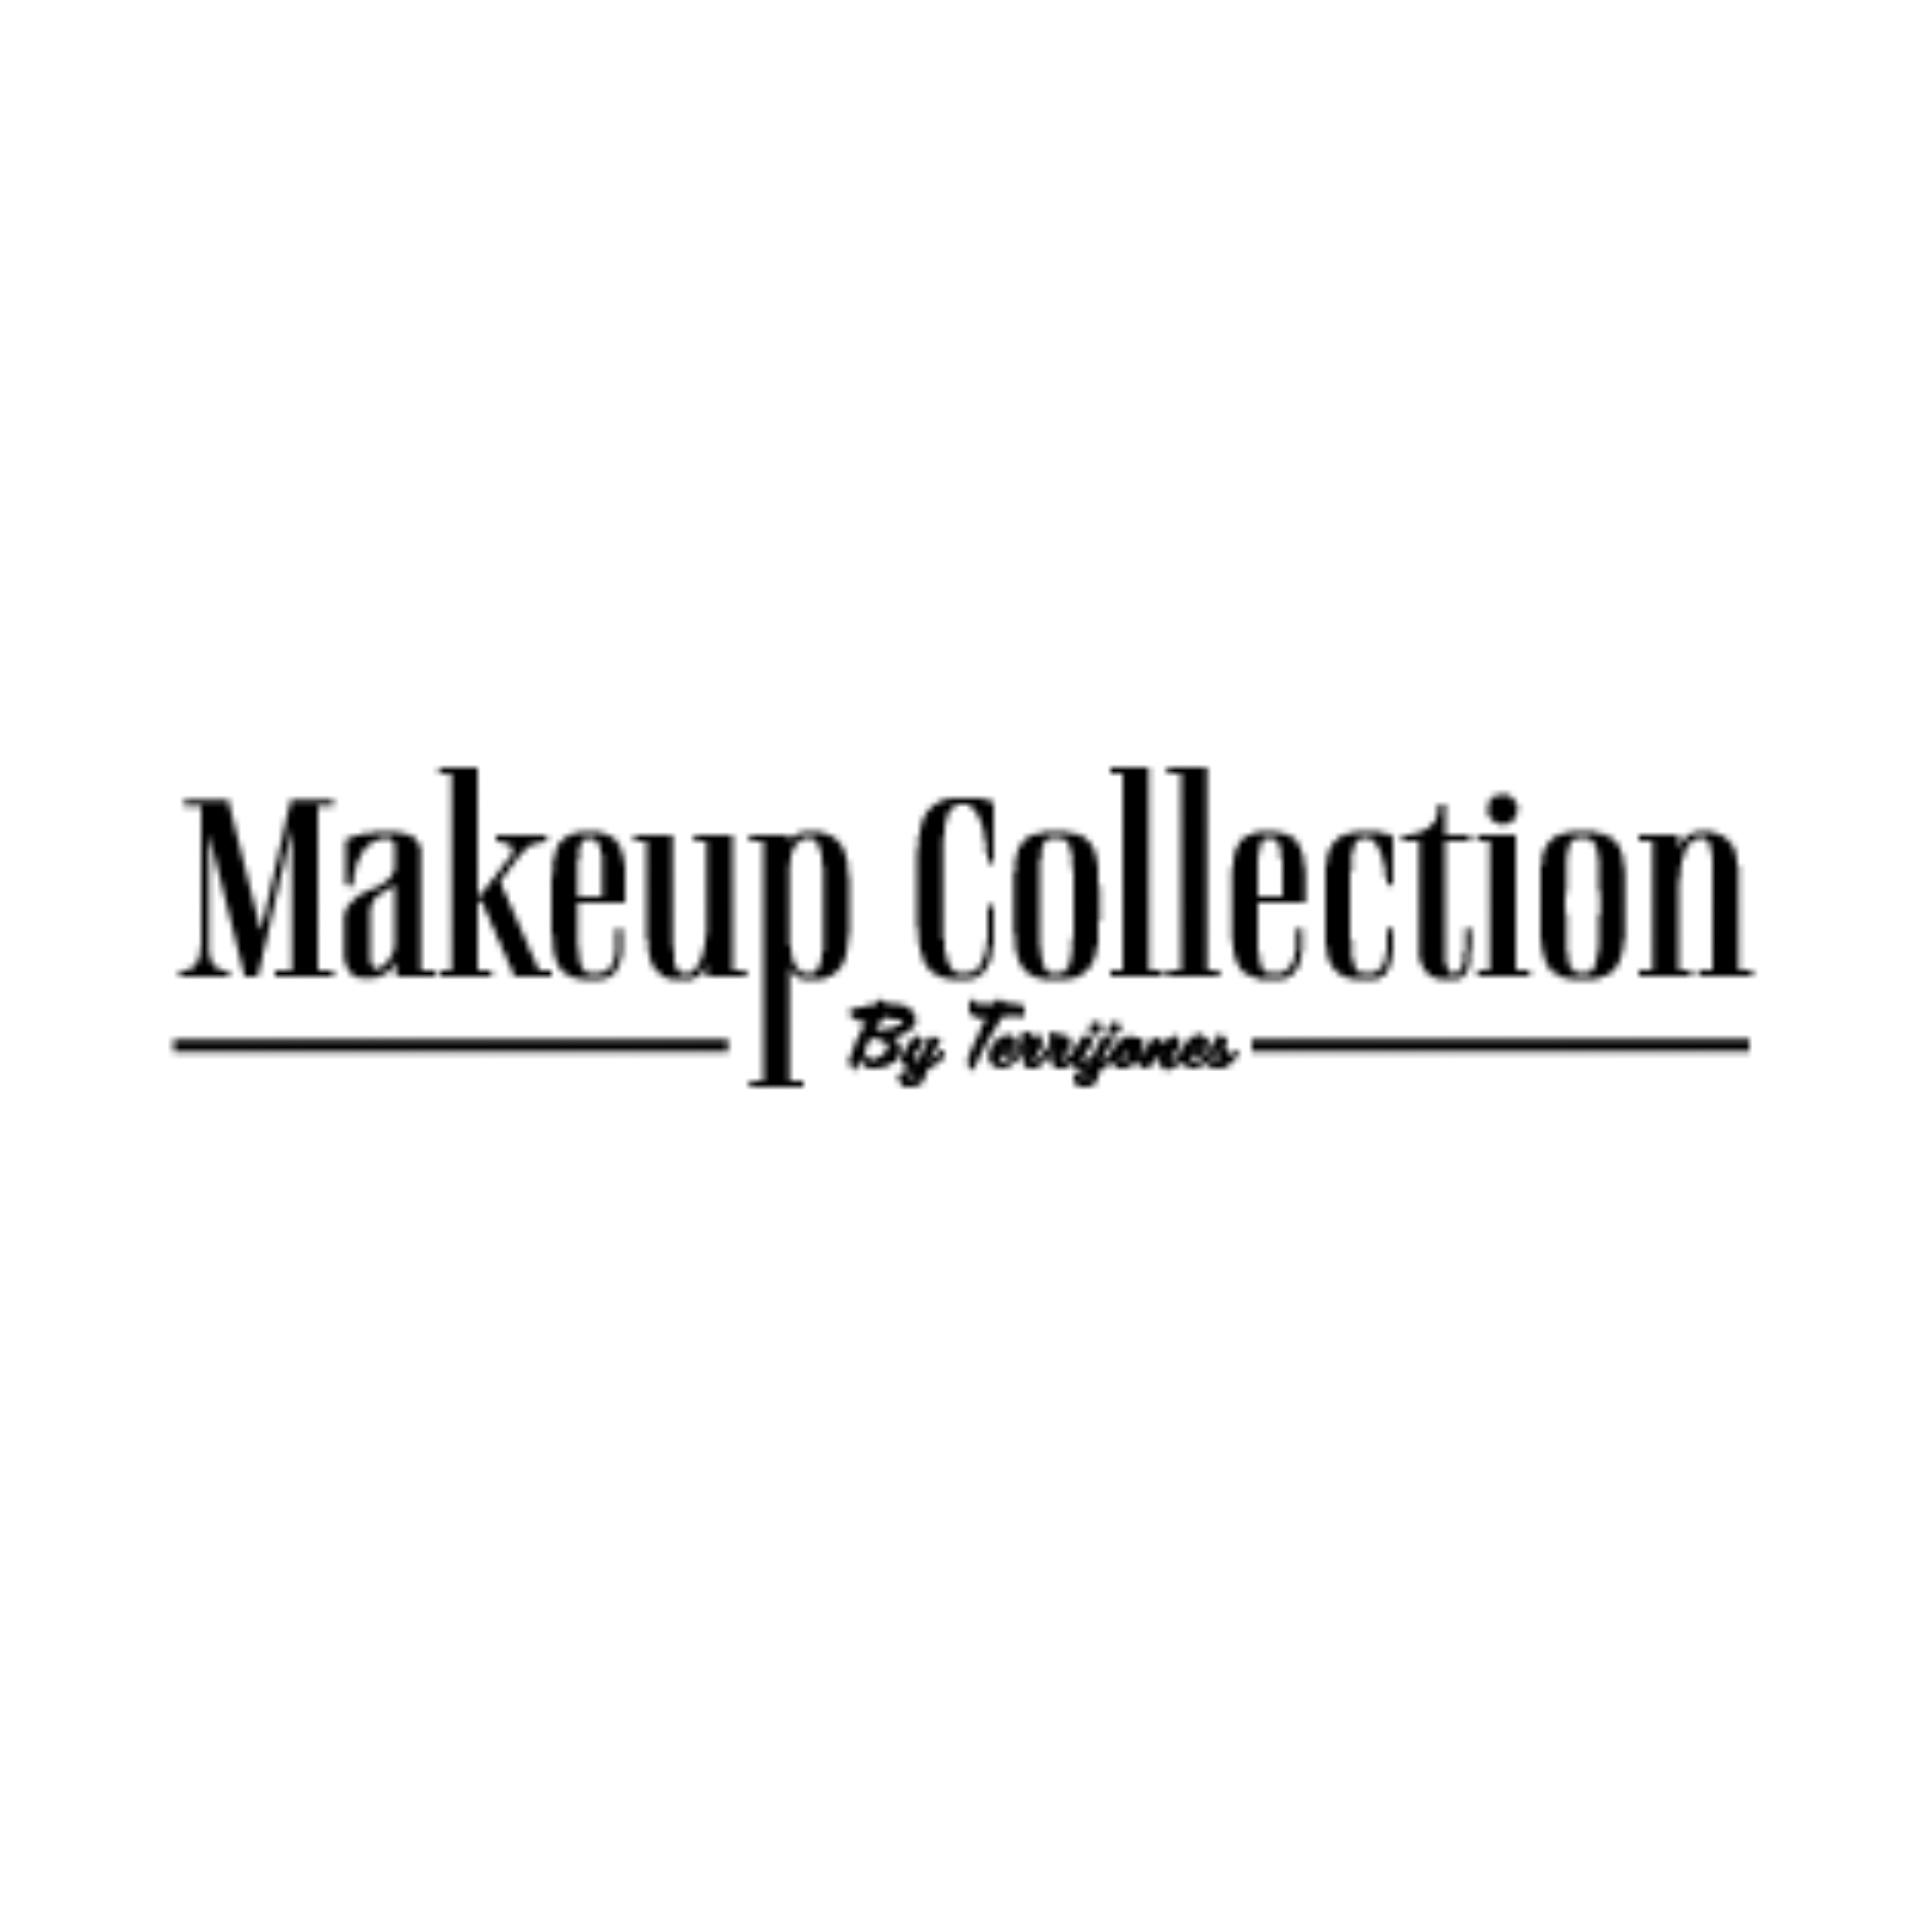 Makeup Collection by Terri Jones